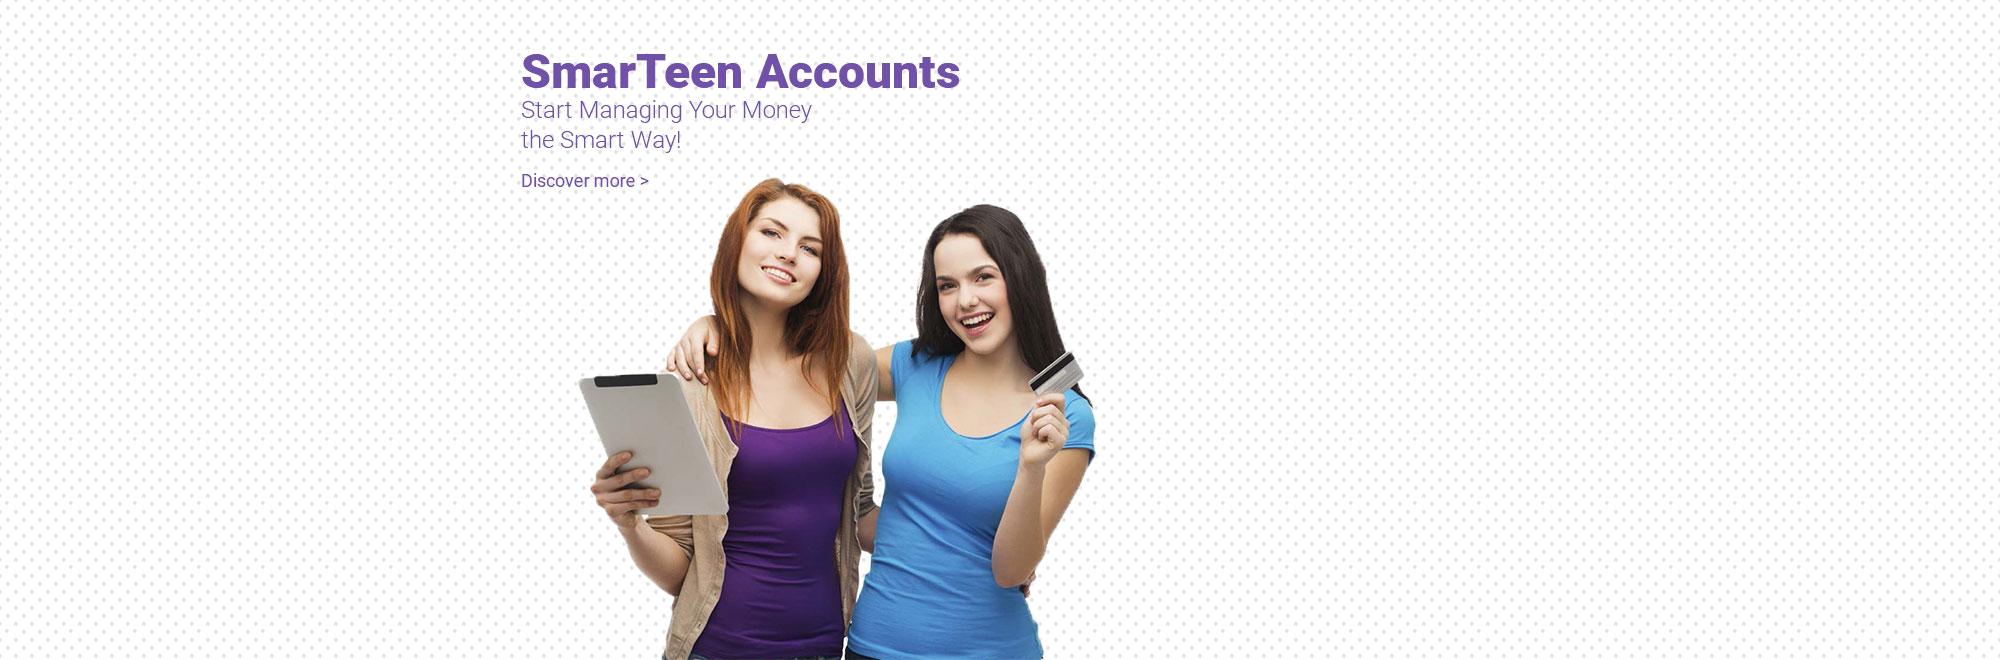 SmarTeen Accounts